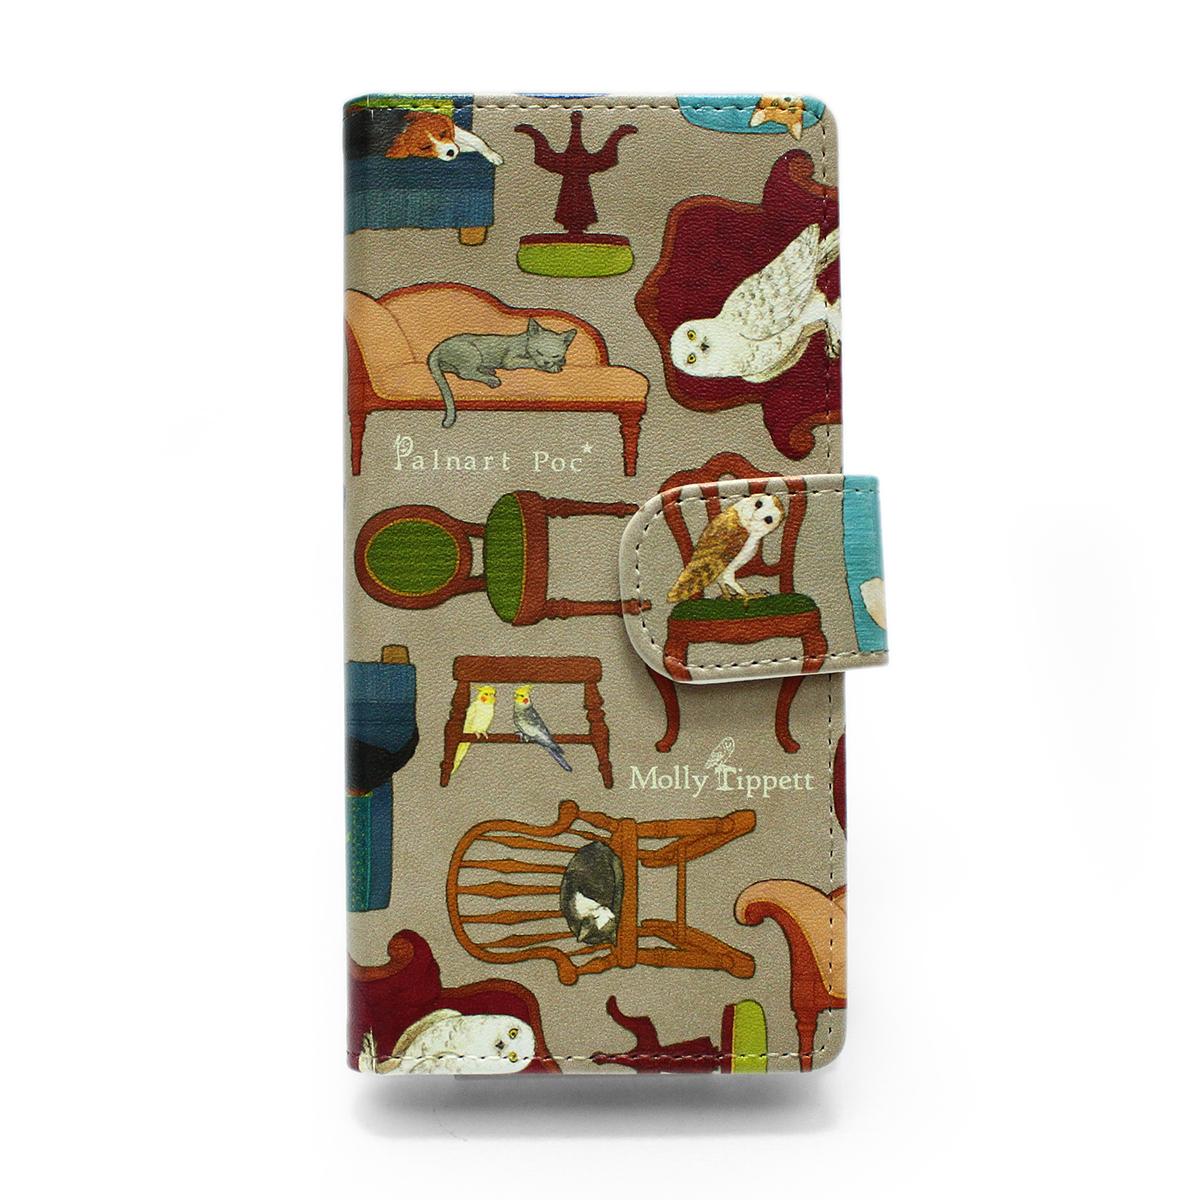 椅子コレクション / スマートフォンケース(iPhone8/iPhone7/6s/6兼用)